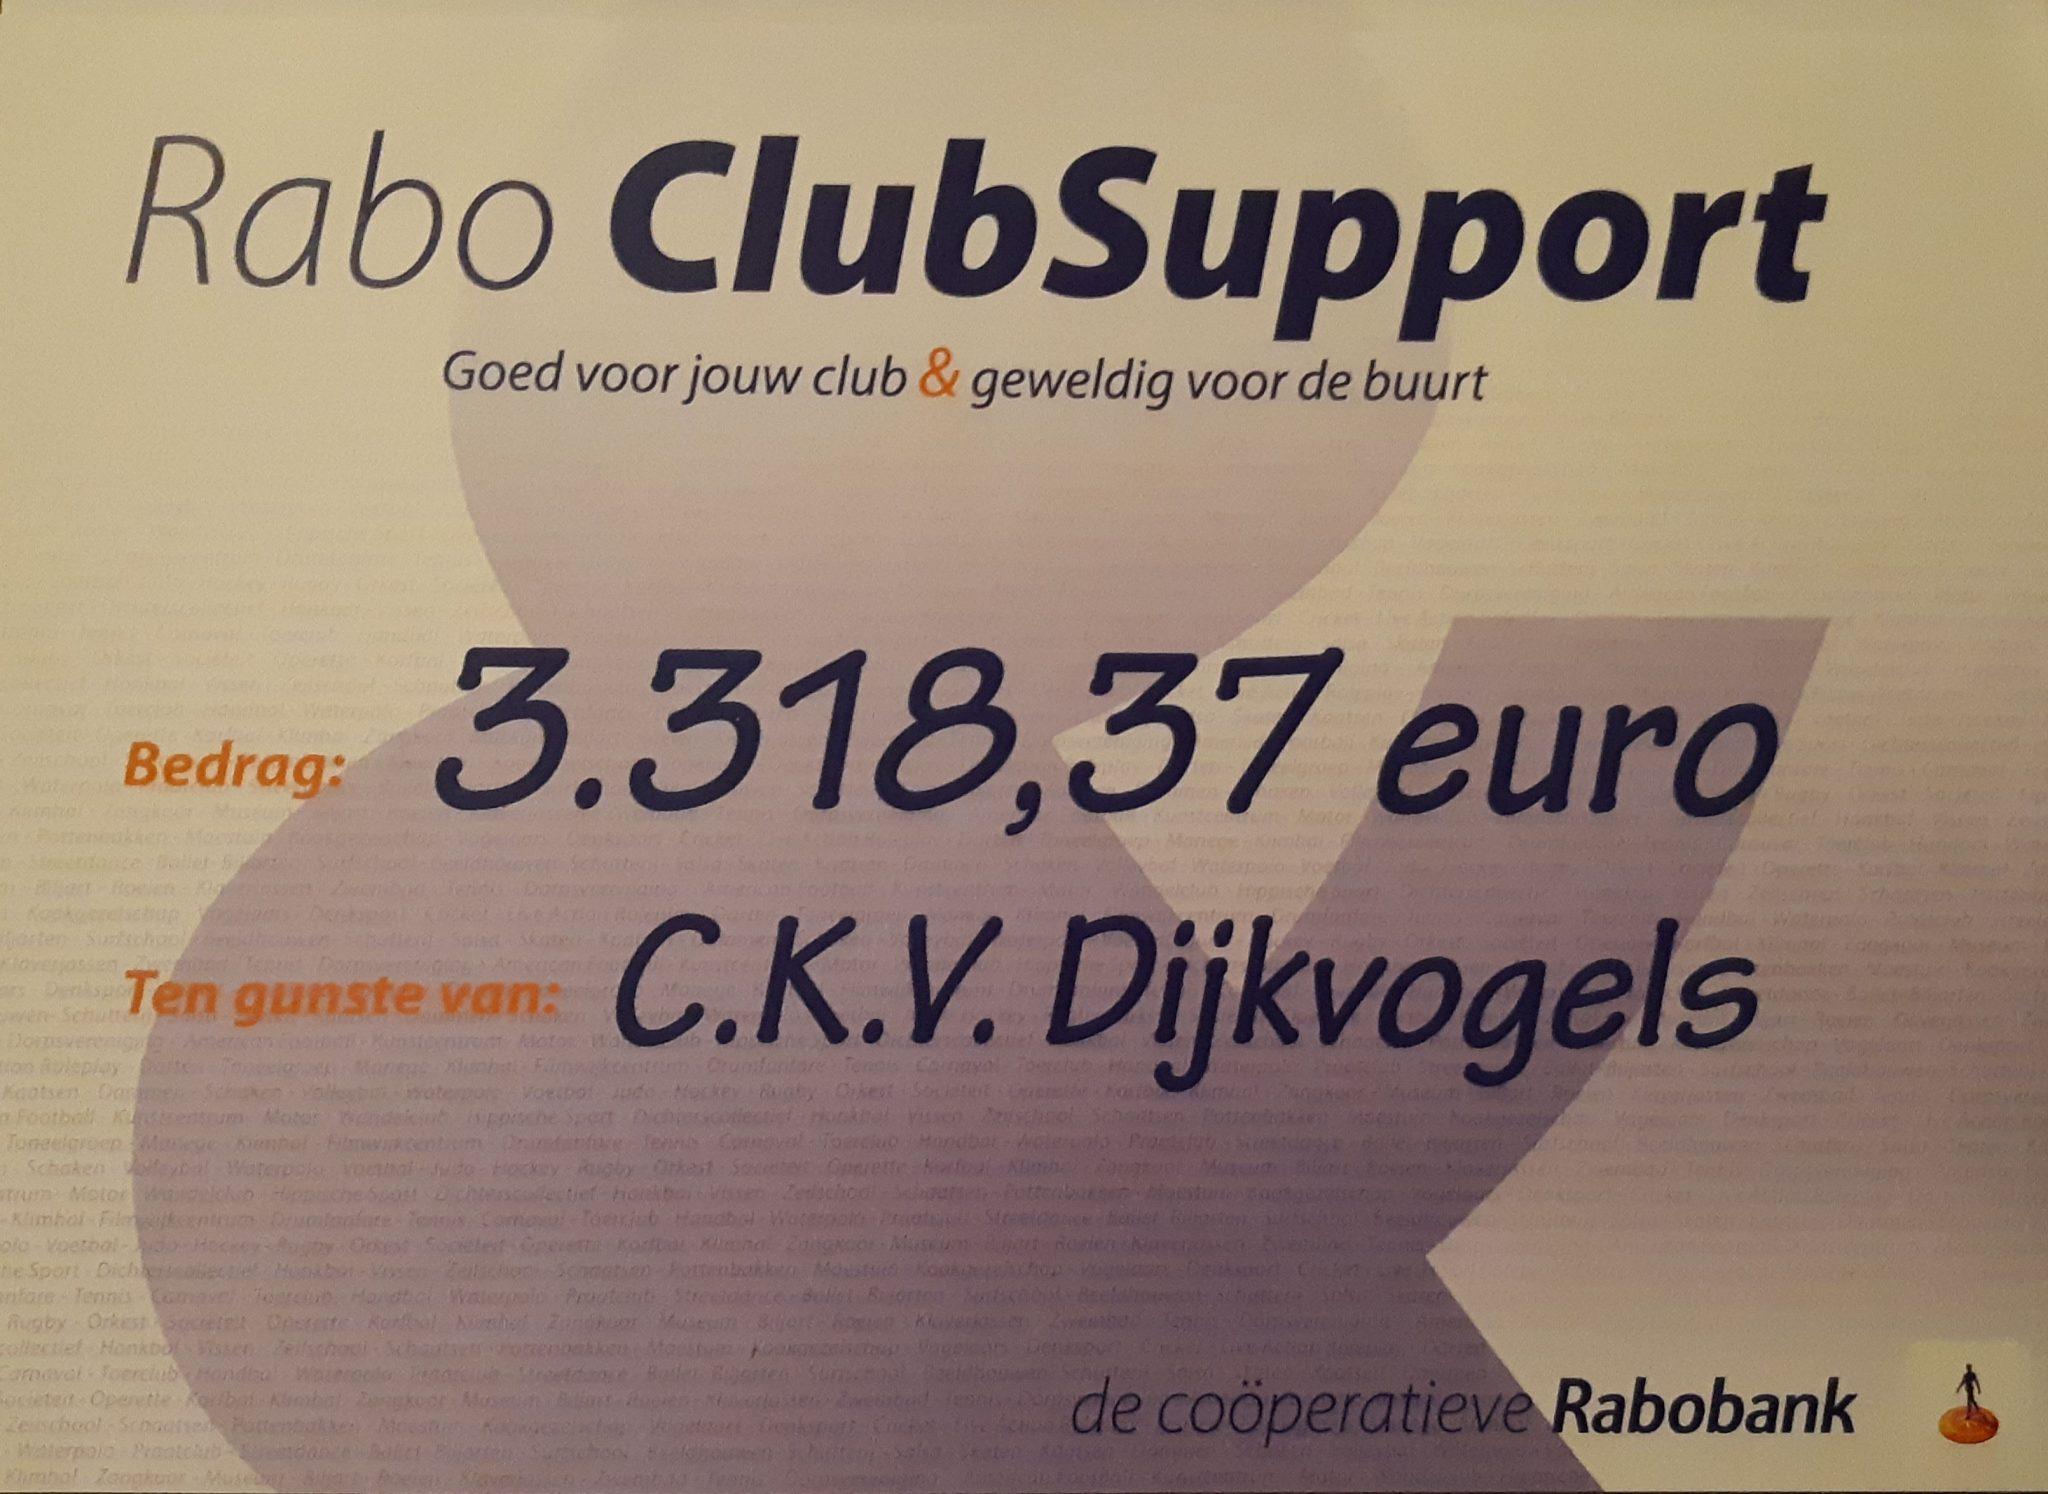 BEDANKT VOOR HET STEMMEN BIJ RABO CLUBSUPPORT!